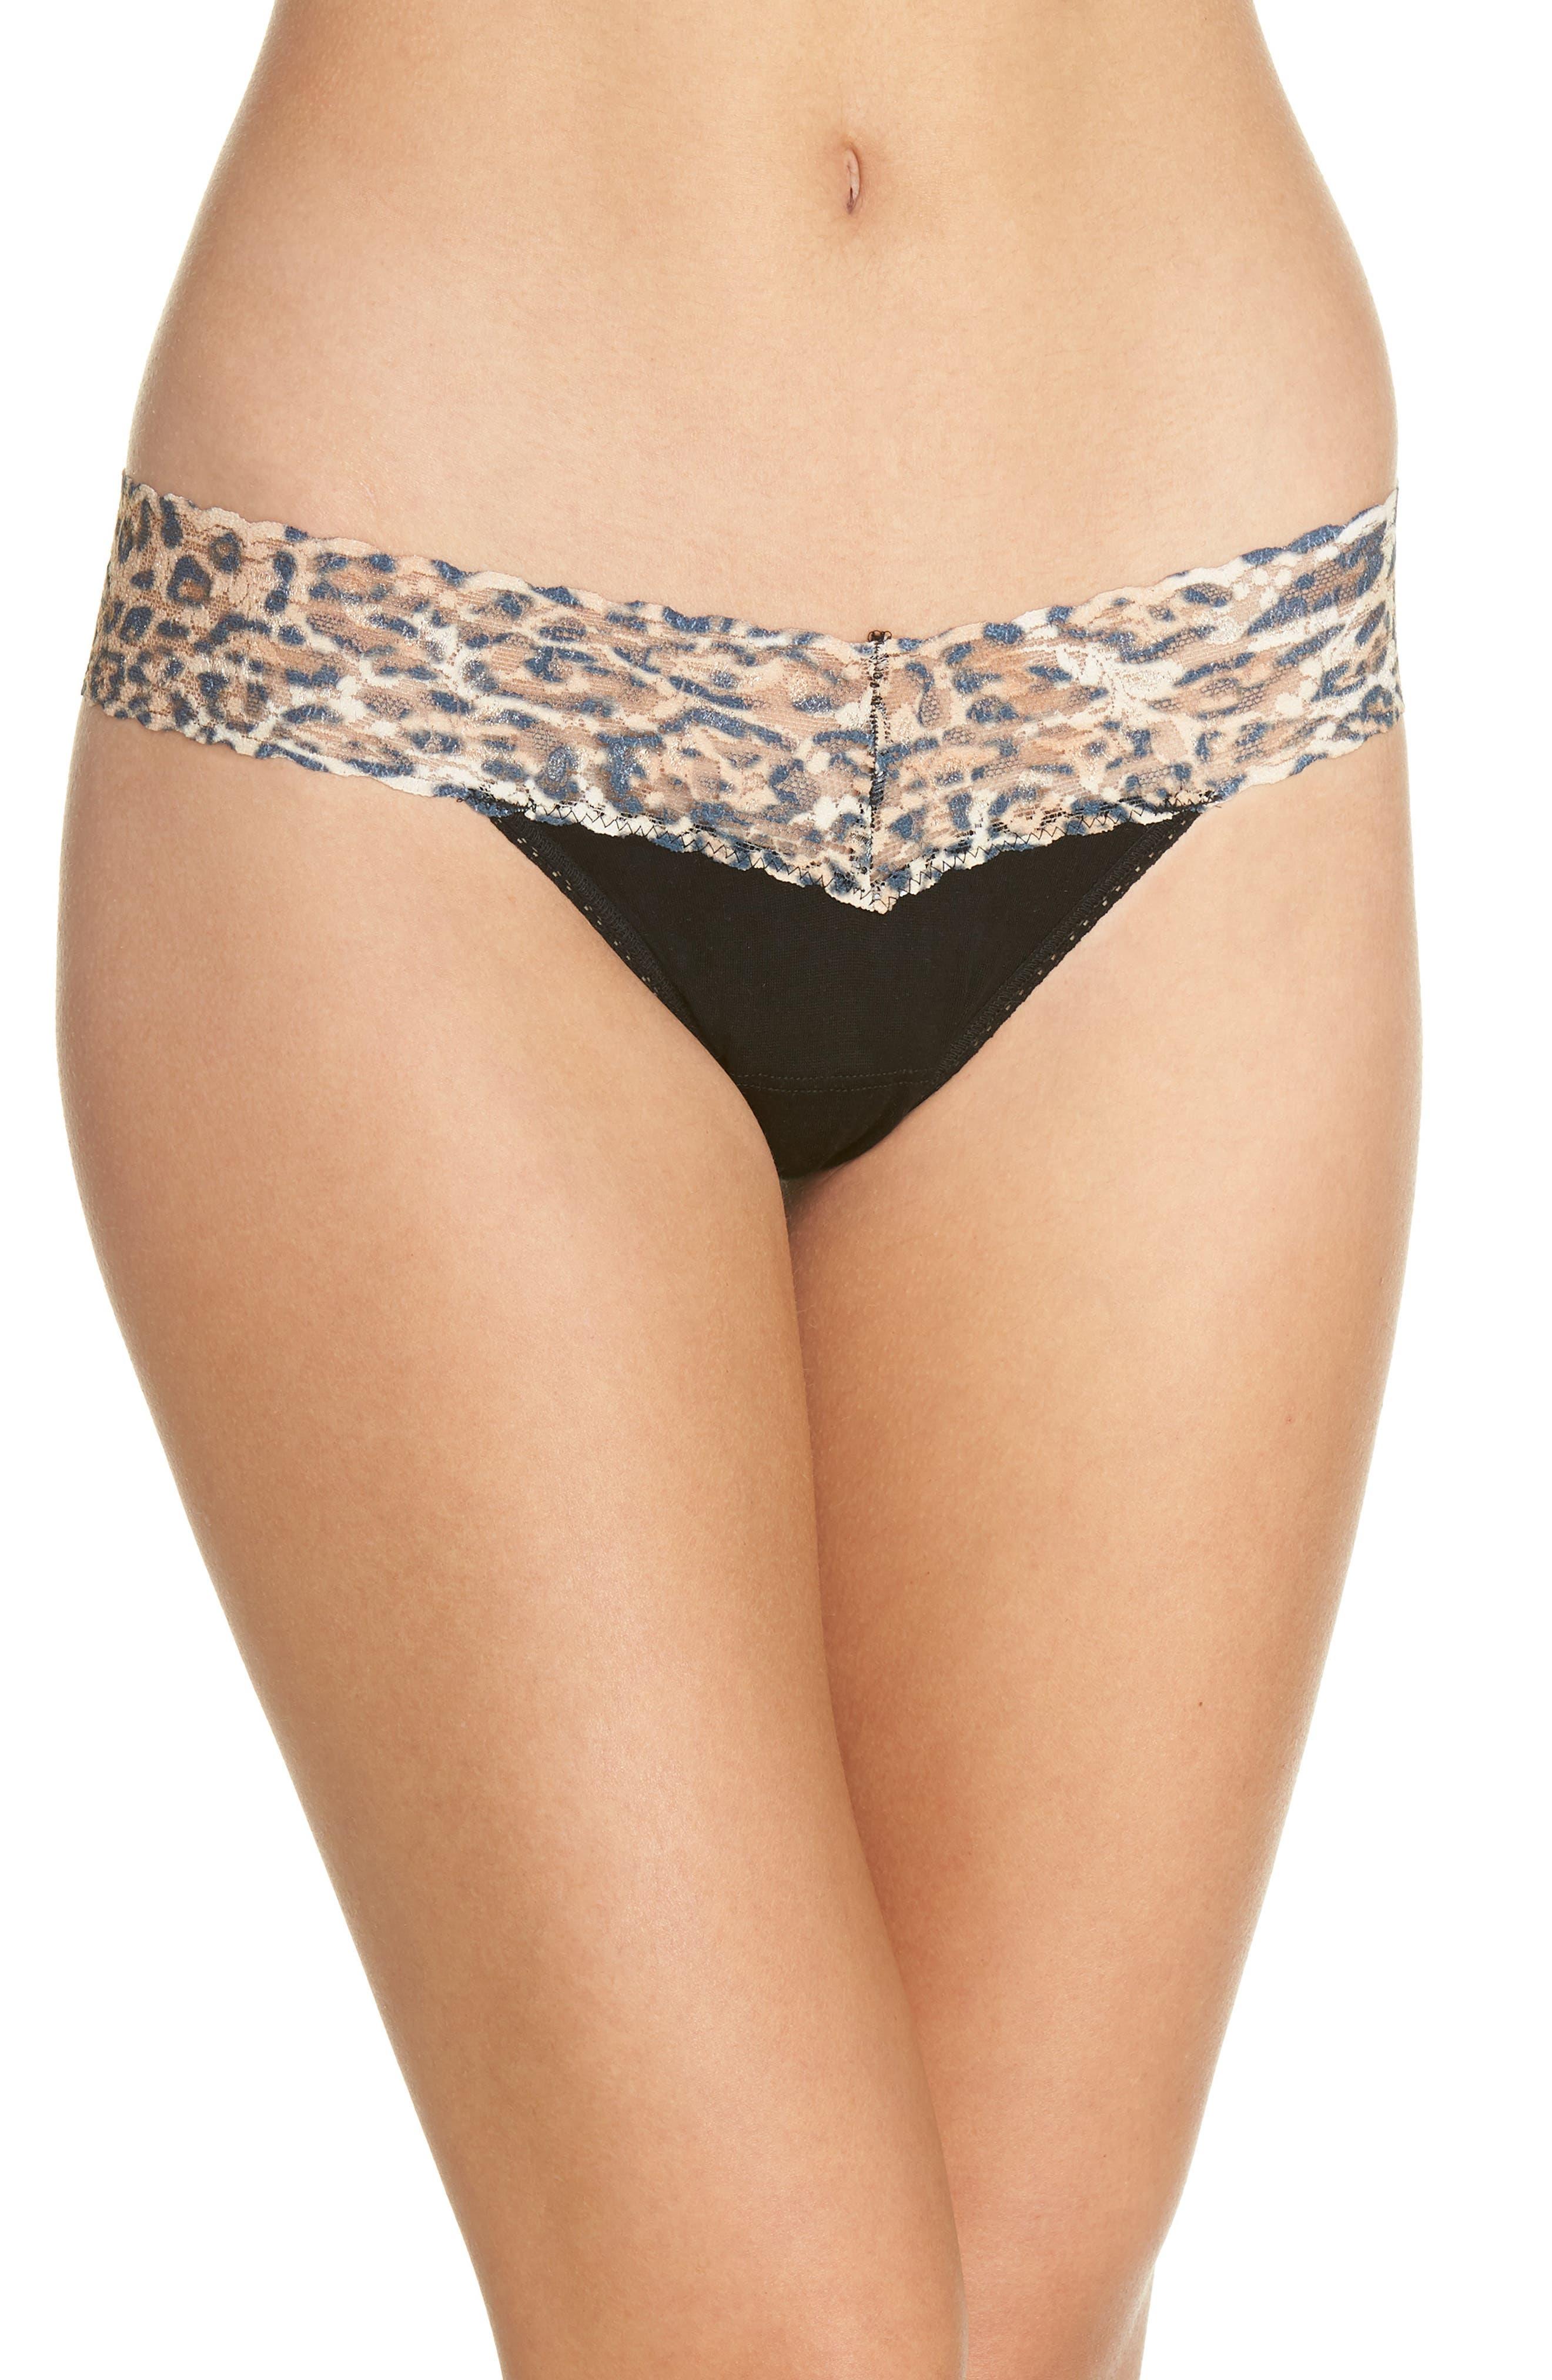 Mid Rise Modal Thong with Lace Trim,                         Main,                         color, Black/ Leopard Nouveau